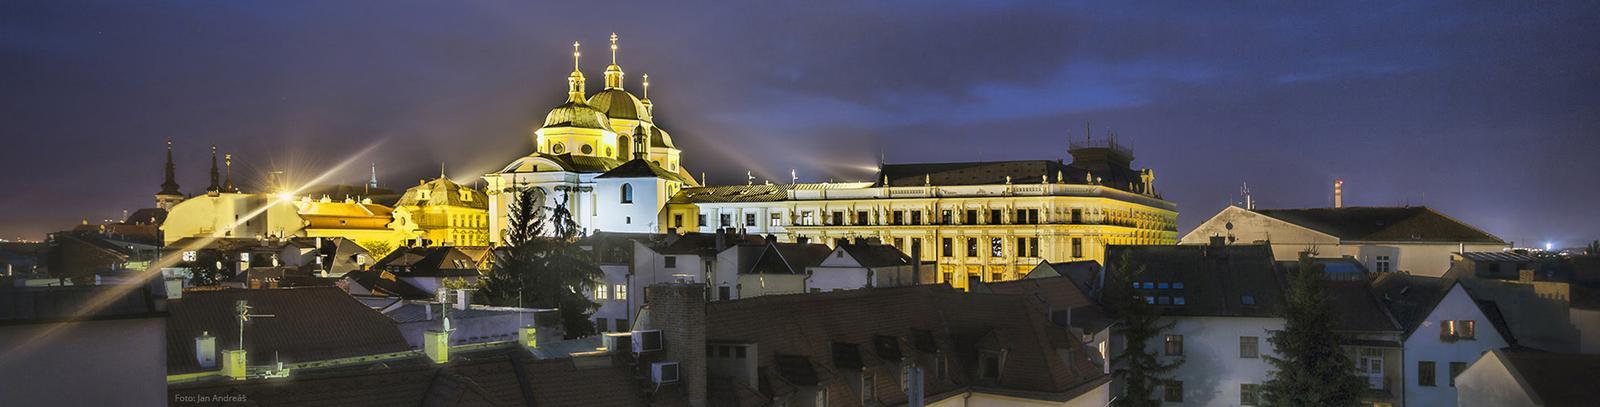 Už se nám to rýsuje :-) - Kostel Sv. Michala v Olomouci